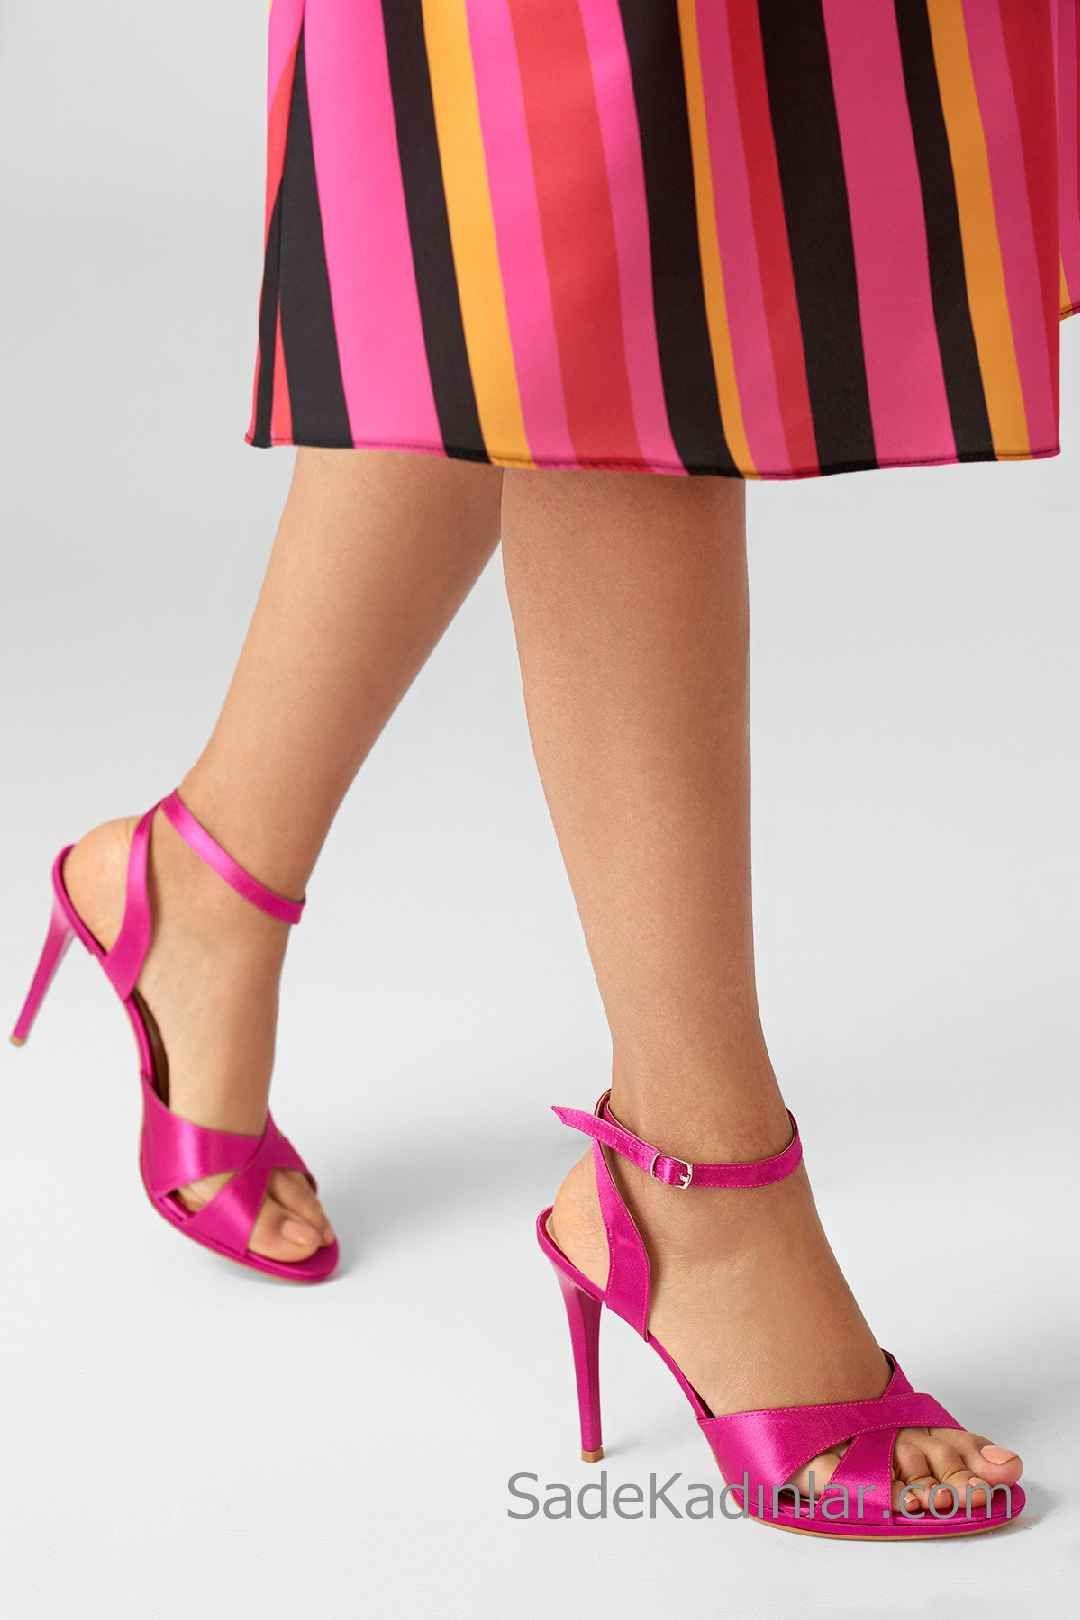 Ince Topuklu Ayakkabi Modelleri Fusya Capraz Bantli Tokali Topuklular Topuklu Ayakkabilar Topuklu Sandalet